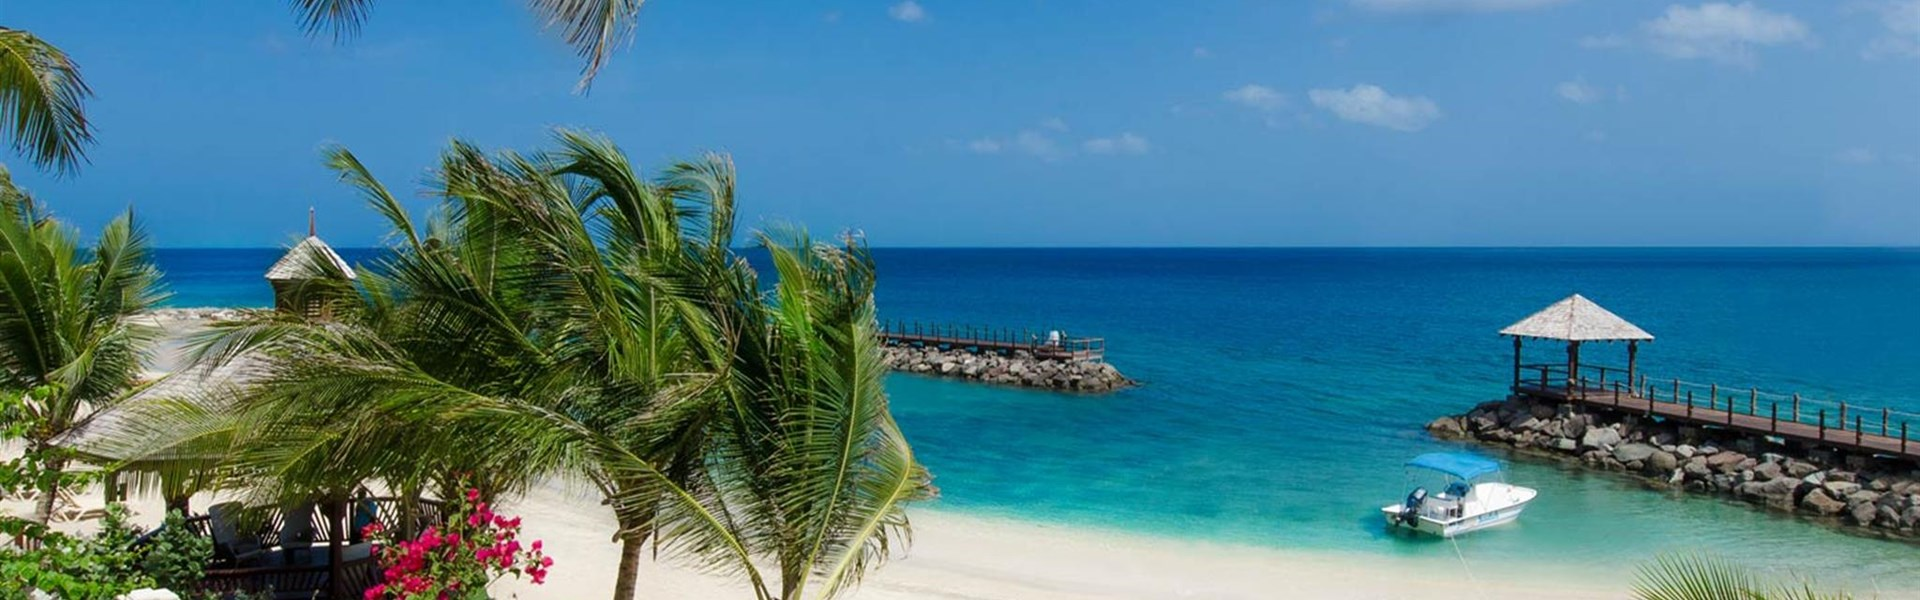 Marco Polo - Sandals La Source Grenada -